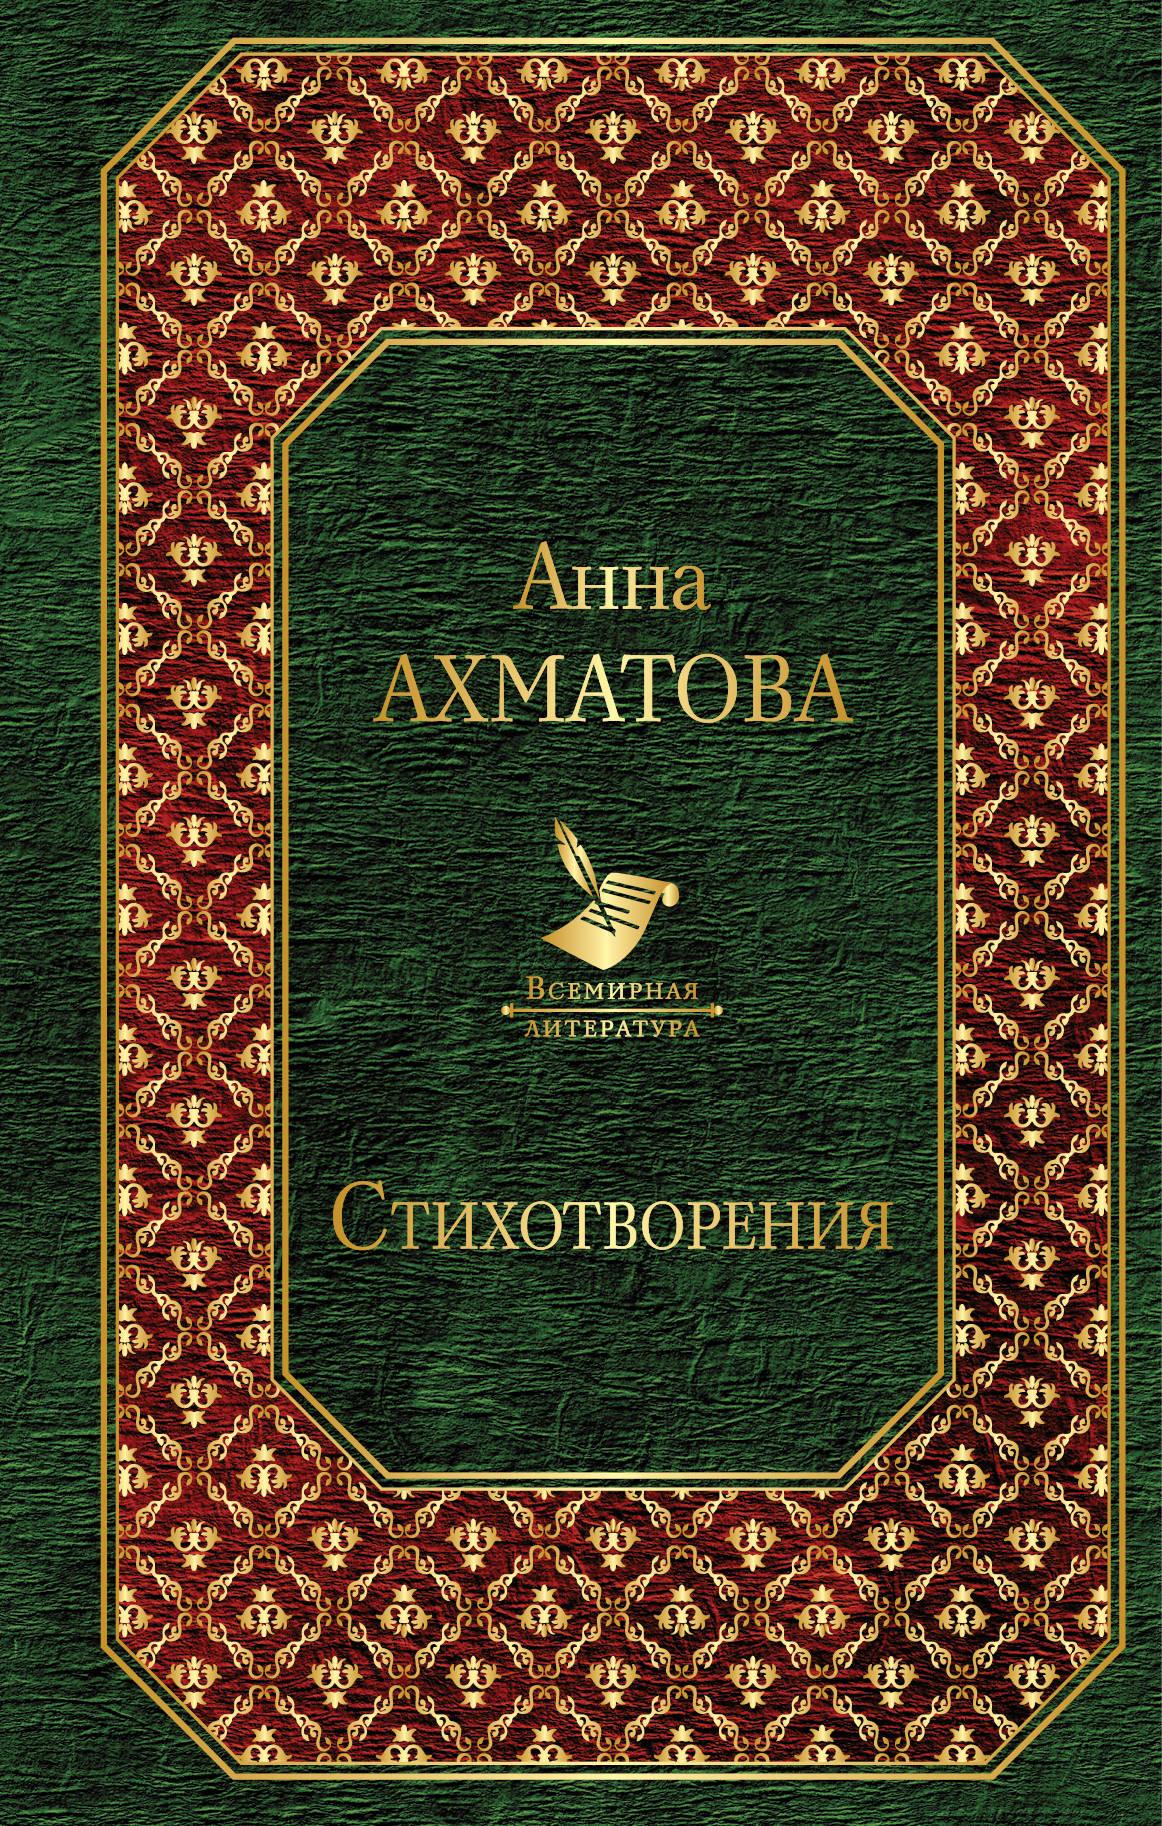 Анна Ахматова Анна Ахматова. Стихотворения ахматова а анна ахматова стихотворения isbn 9785040938995